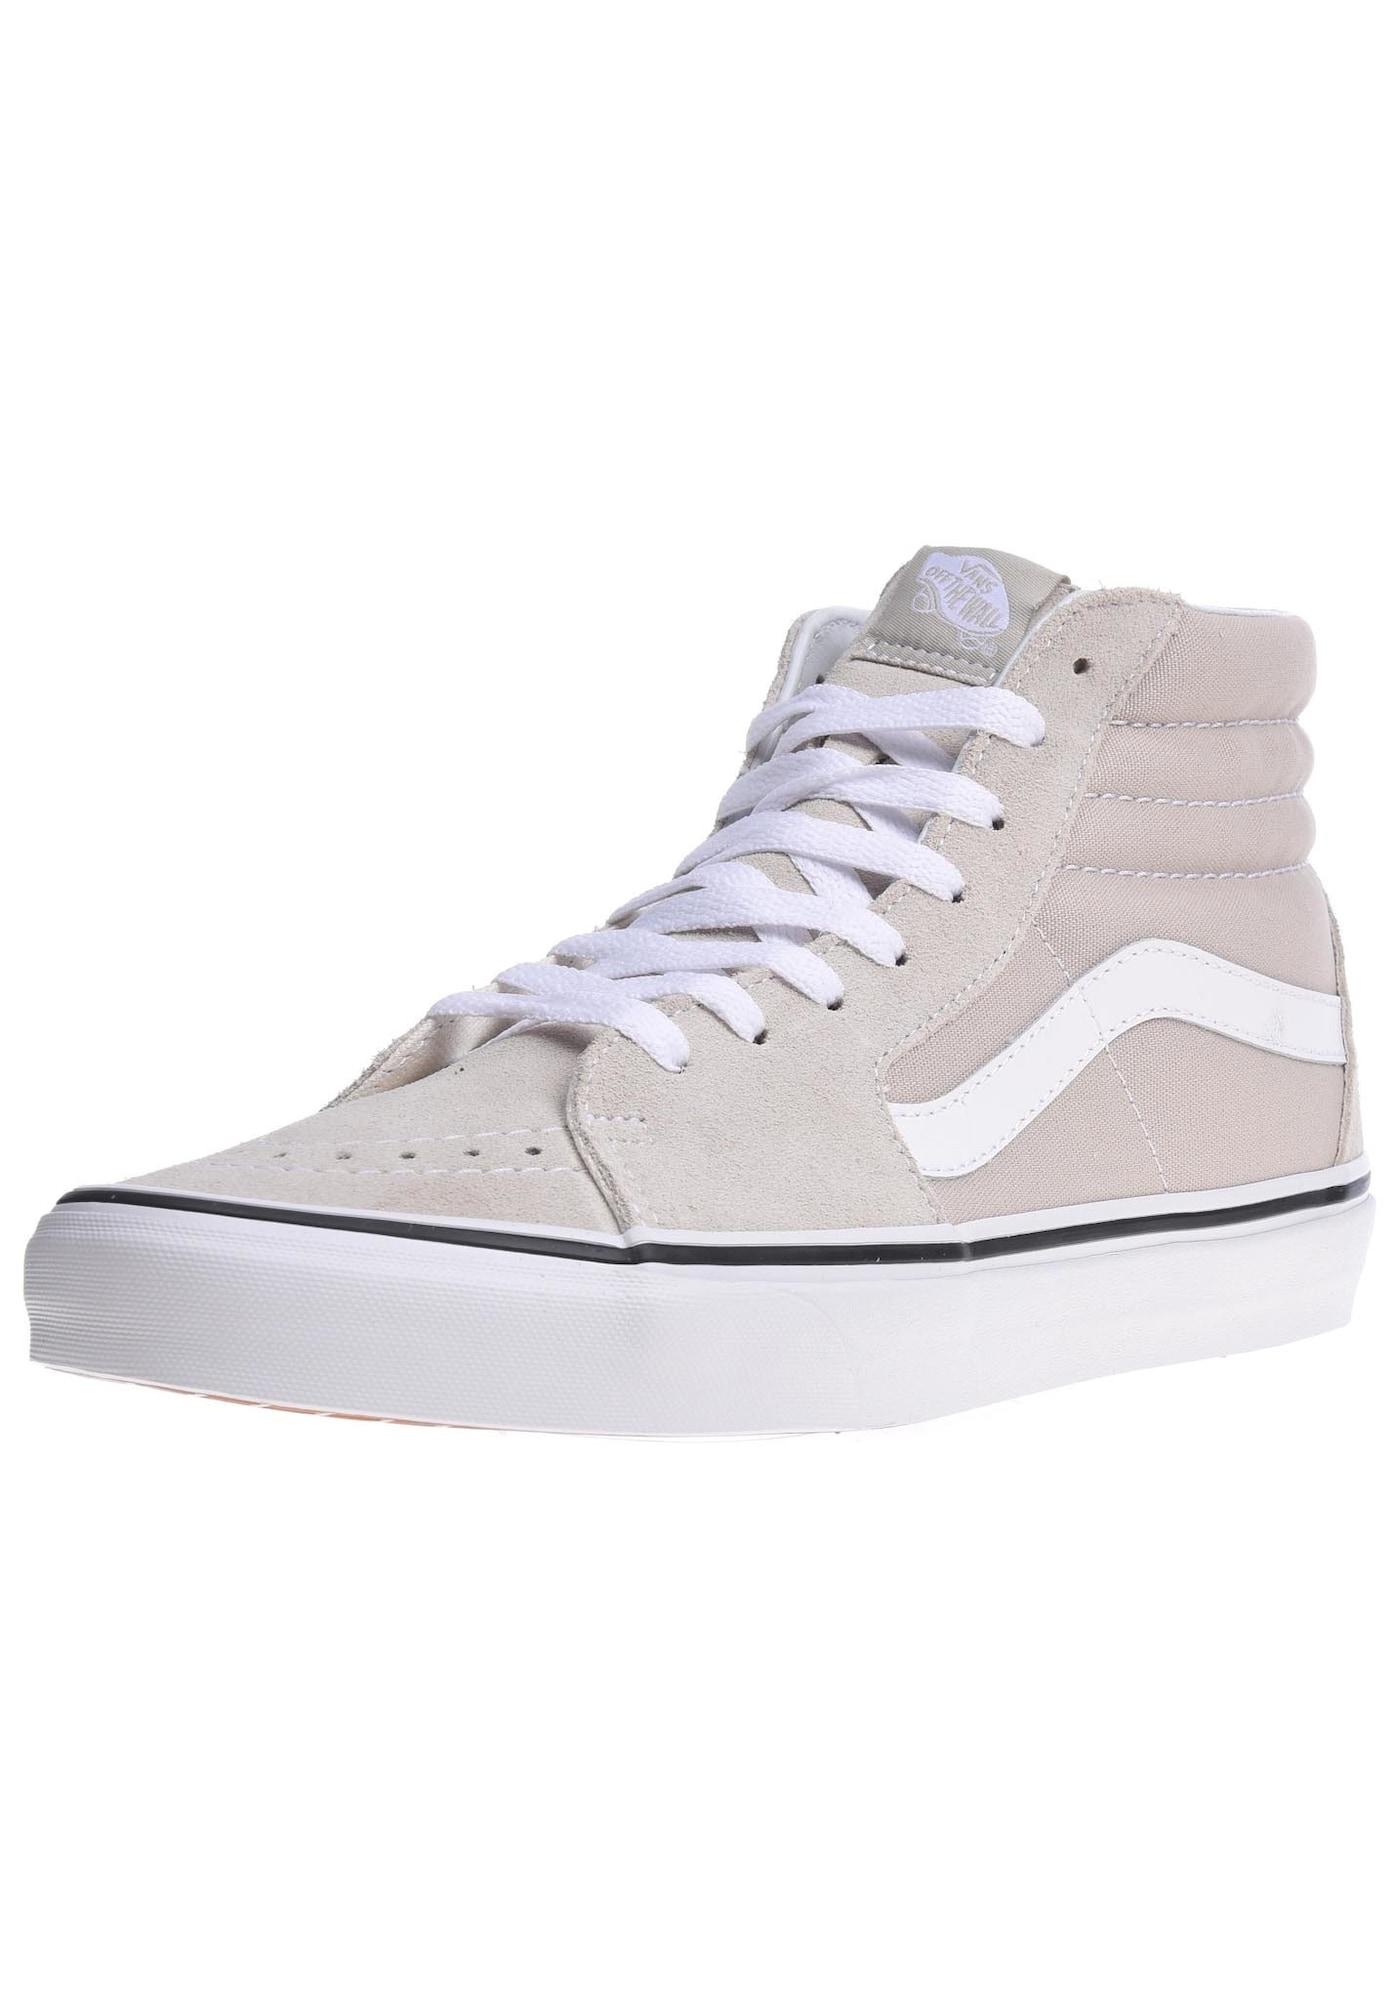 VANS, Dames Sneakers hoog 'Sk8-Hi', beige / pastelroze / wit